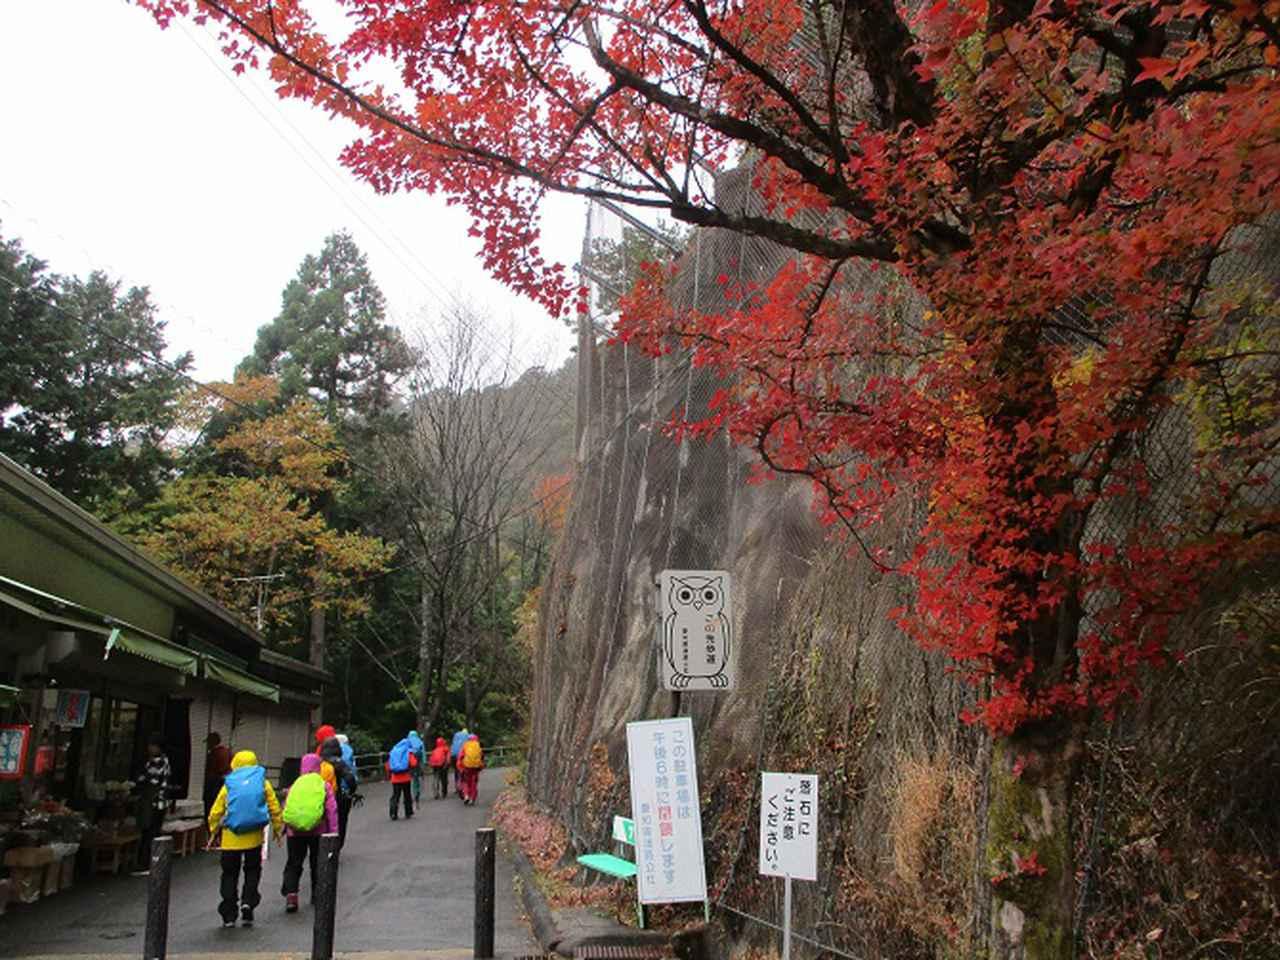 画像1: 11月21~22日に山旅会 「香嵐渓と鳳来寺山」 ツアーに行ってきました!